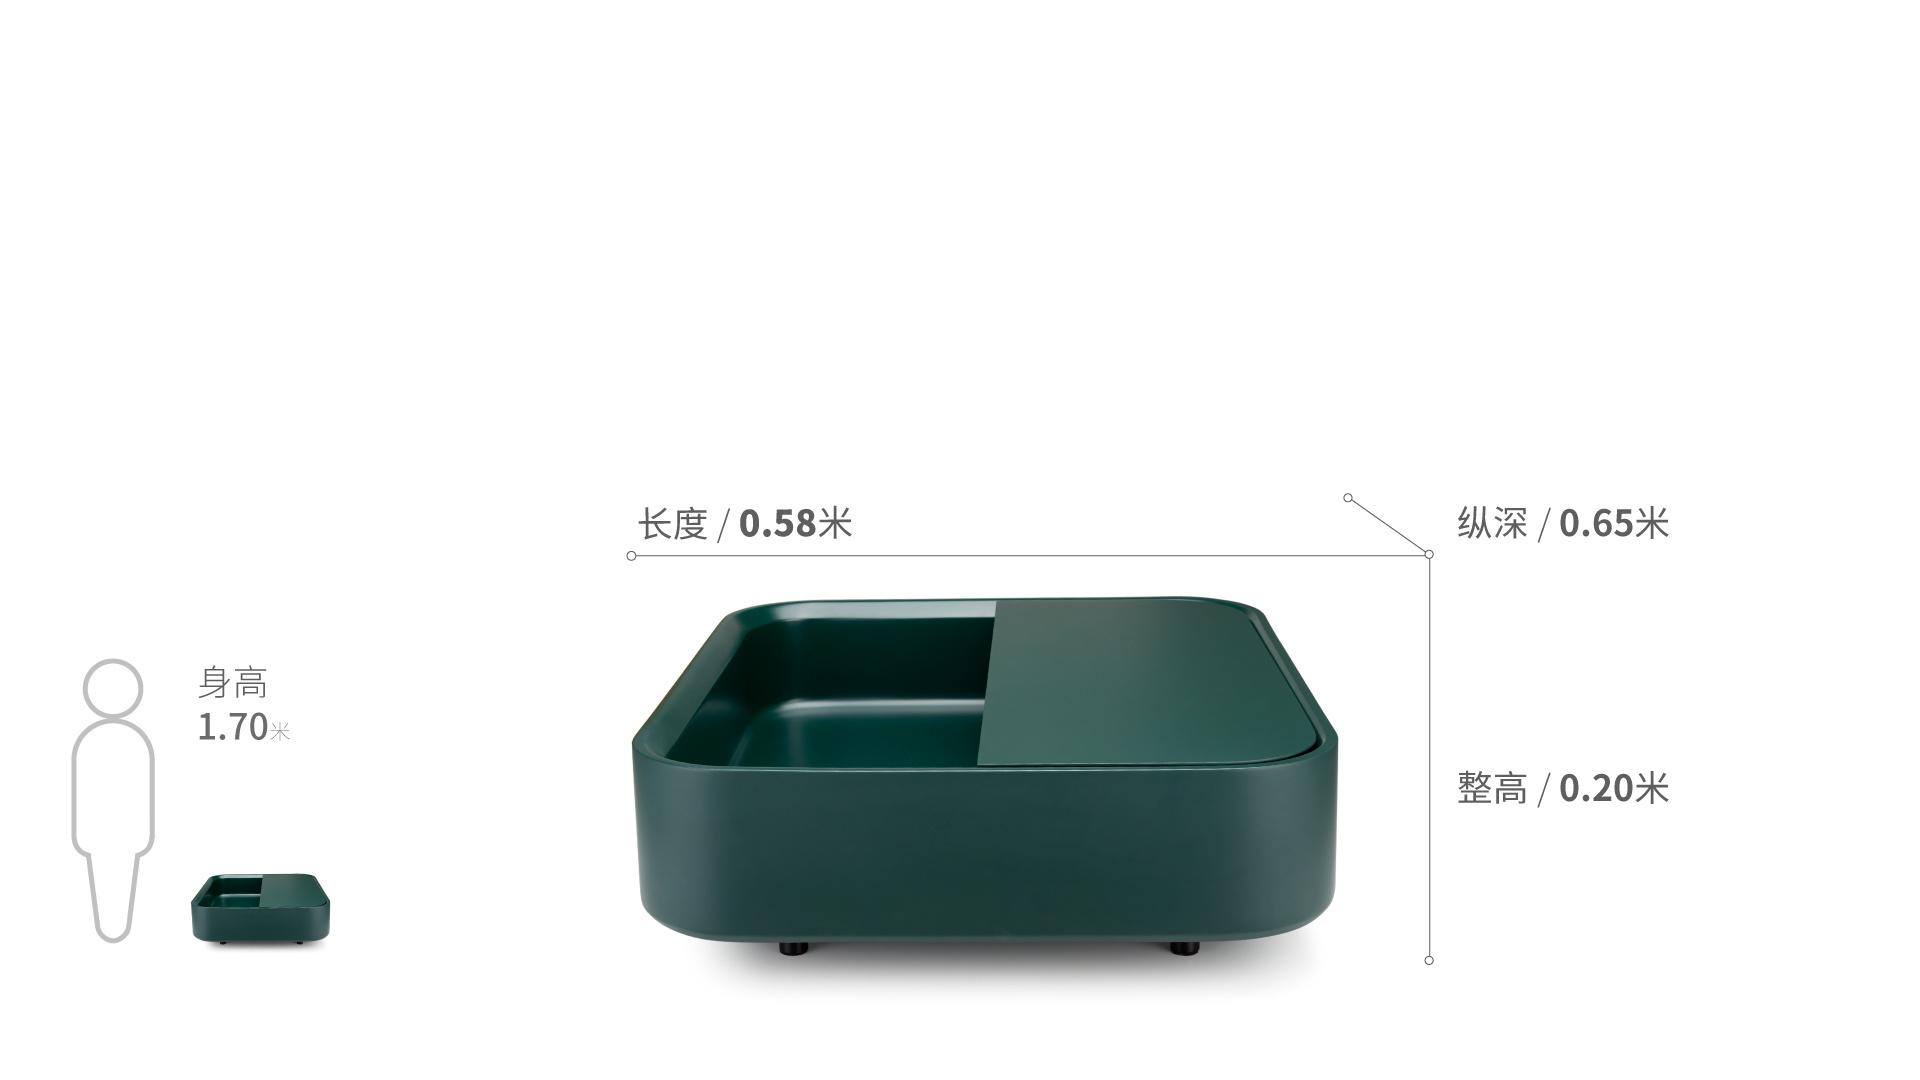 谜盒升级版苔绿小盒桌几效果图